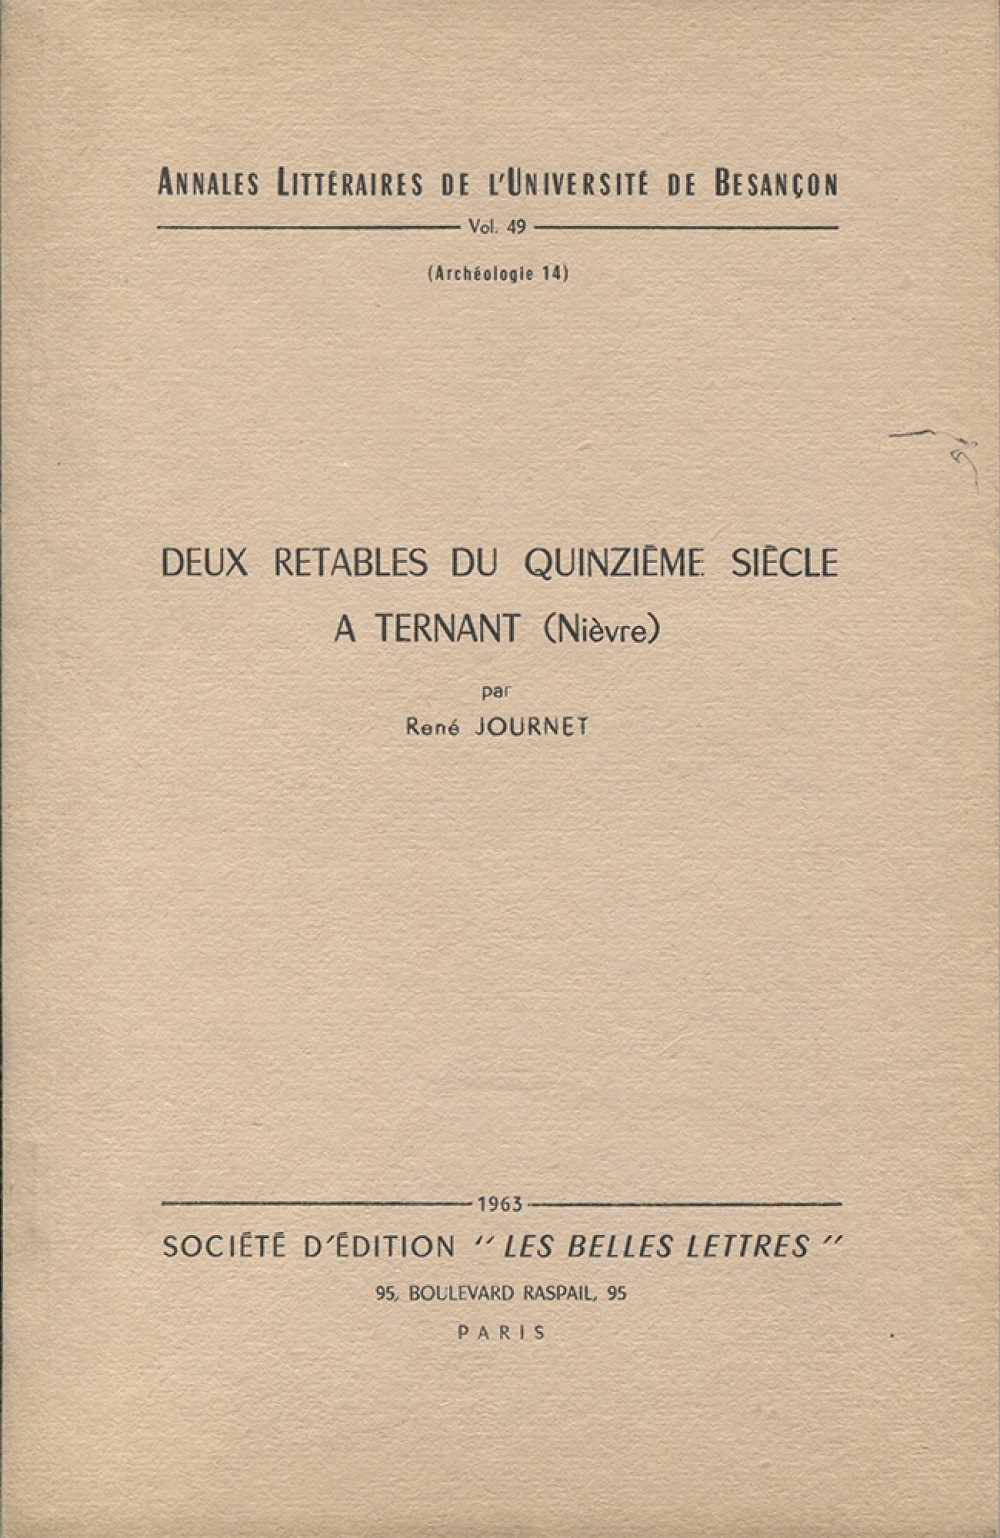 """Deux rétables du <span style=""""font-variant: small-caps"""">XV</span><sup>ème</sup> s. à Ternant"""